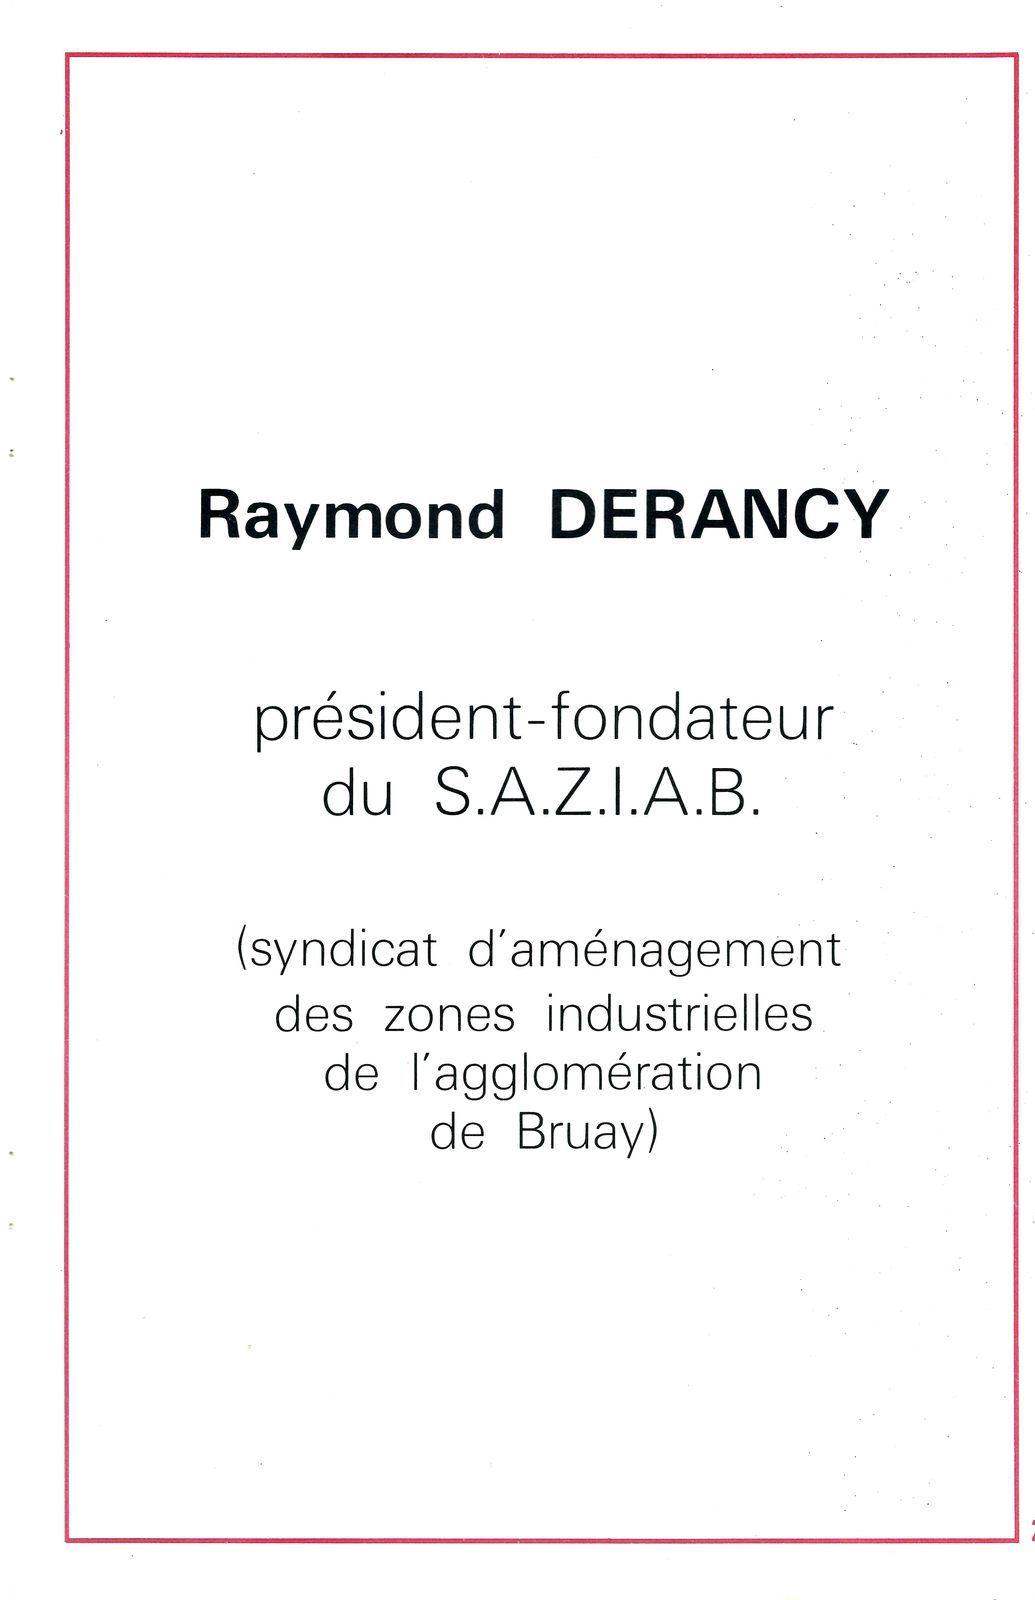 Raymond Derancy le père fondateur de la zone industrielle de Ruitz